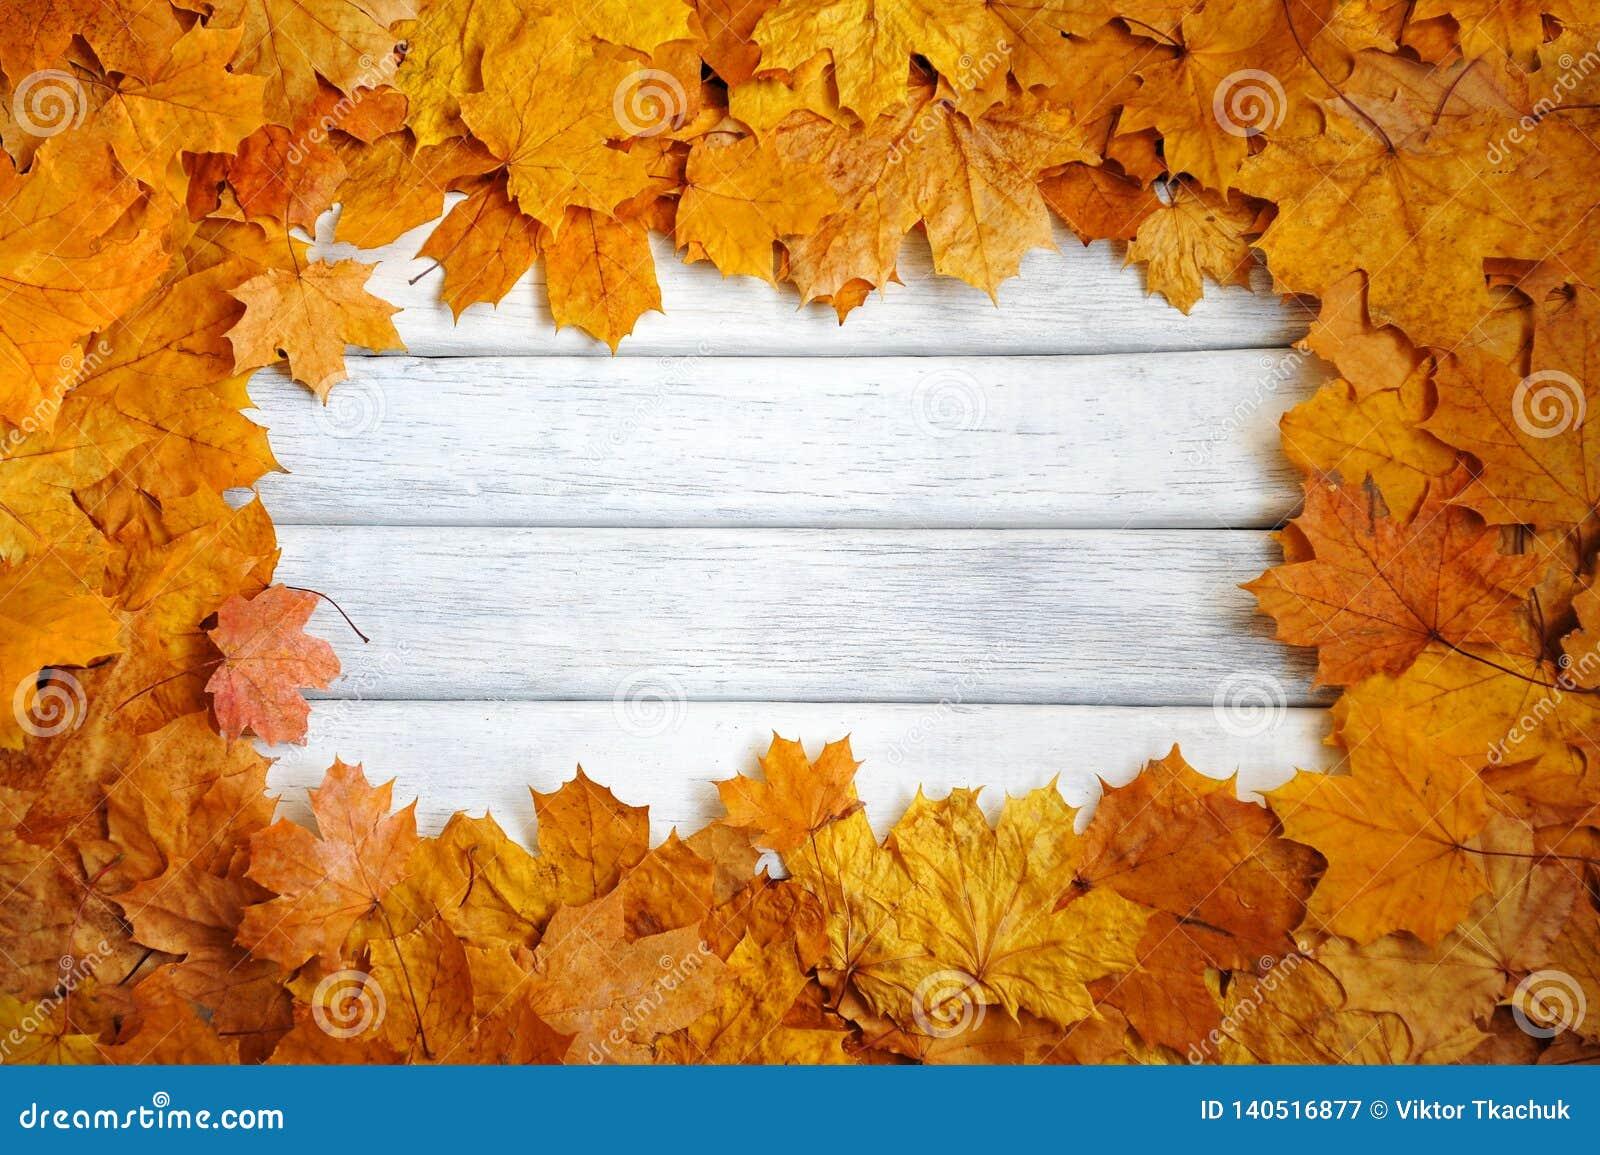 Kader van de herfst, gele bladeren op een witte, houten oppervlakte